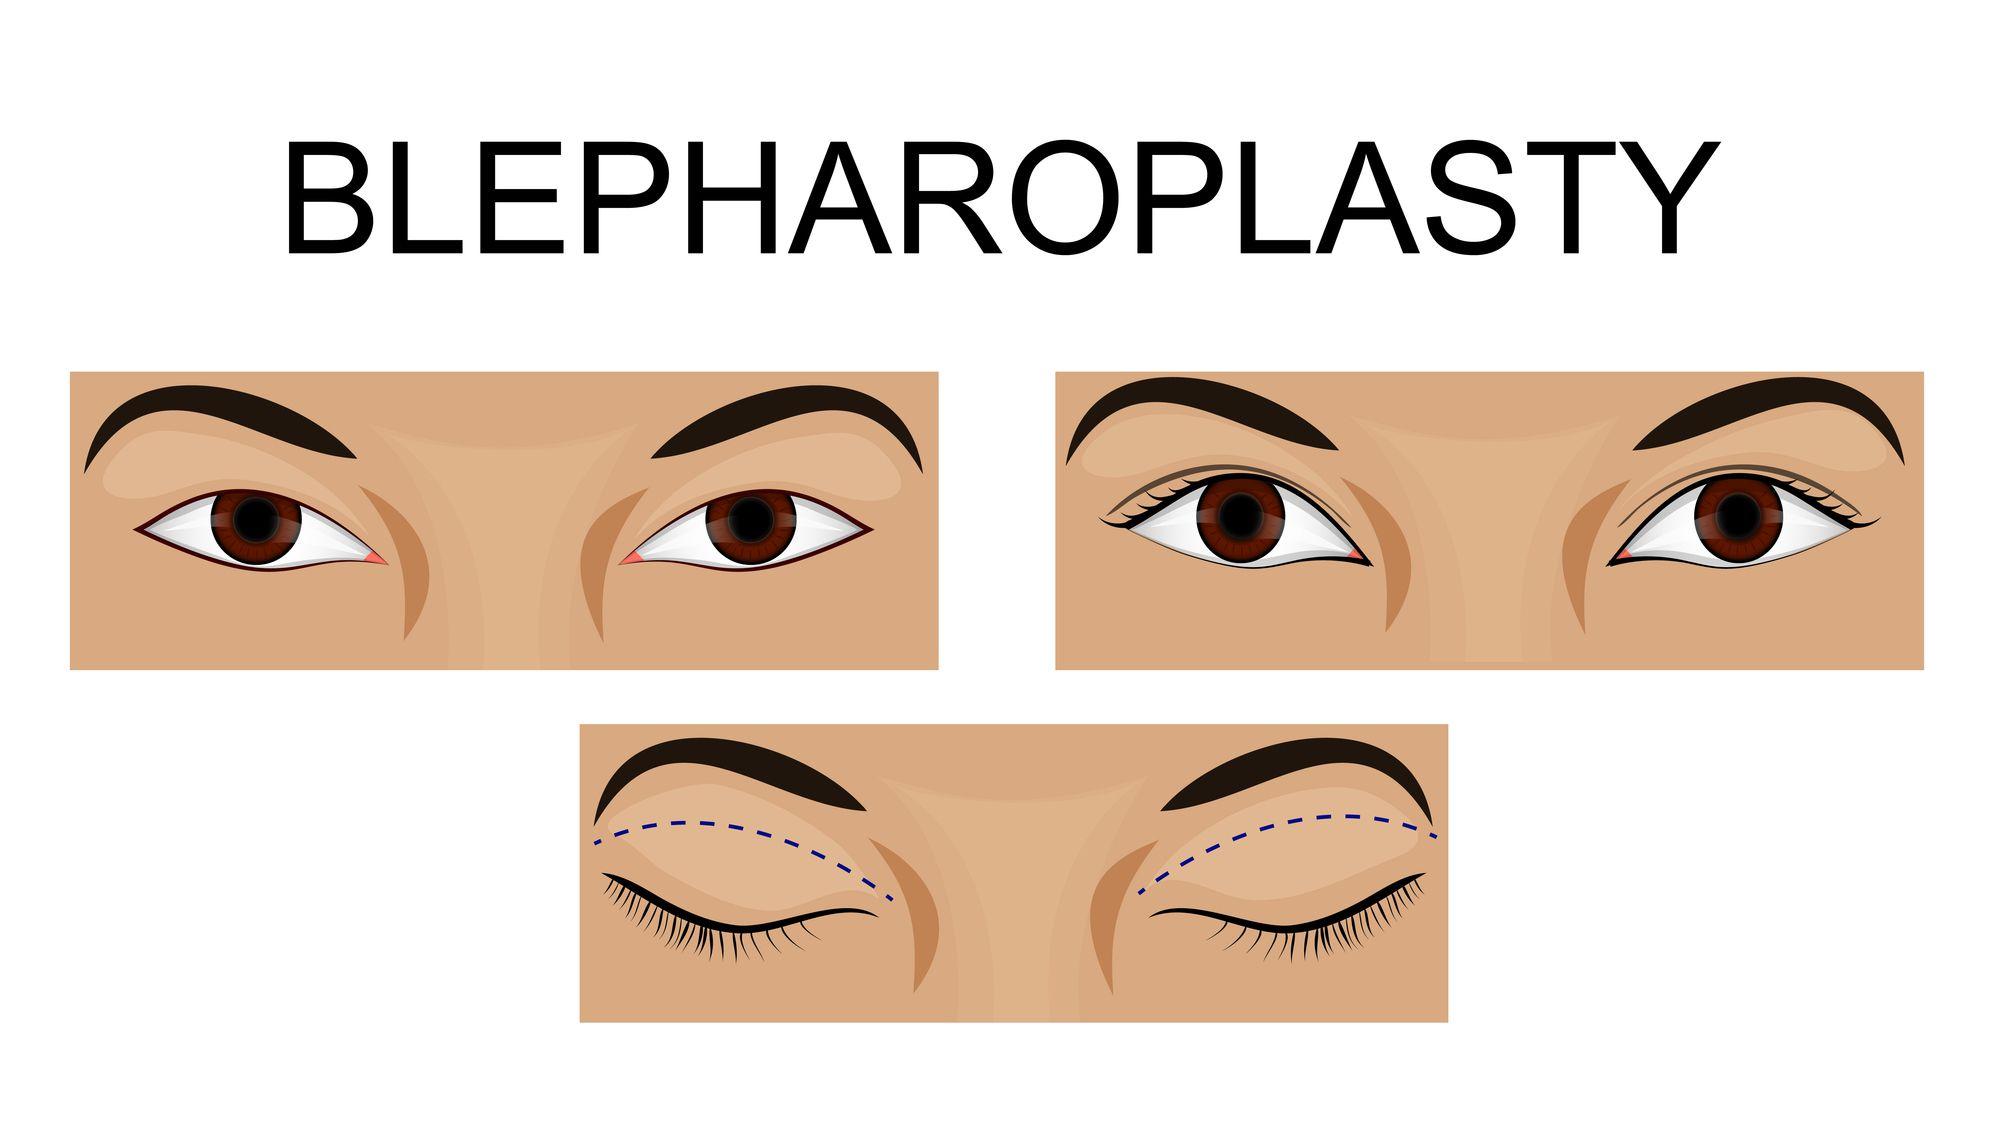 tudo sobre a blefaroplastia